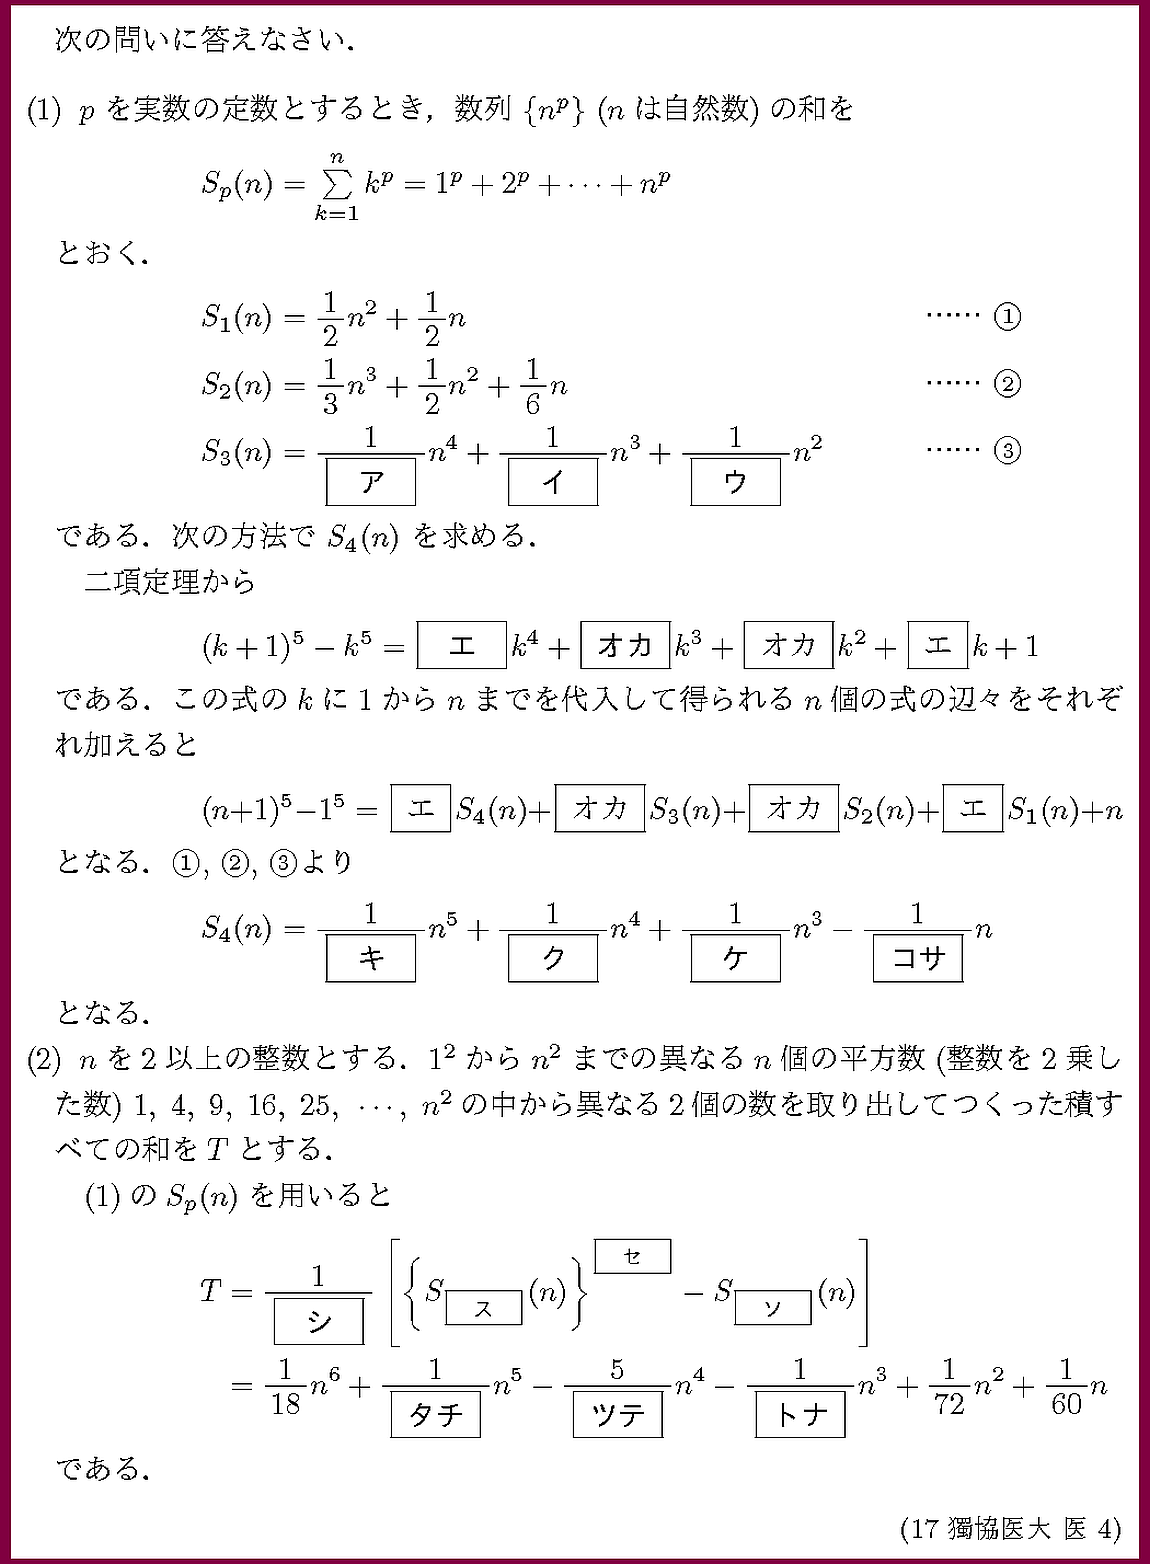 17獨協医大・医4